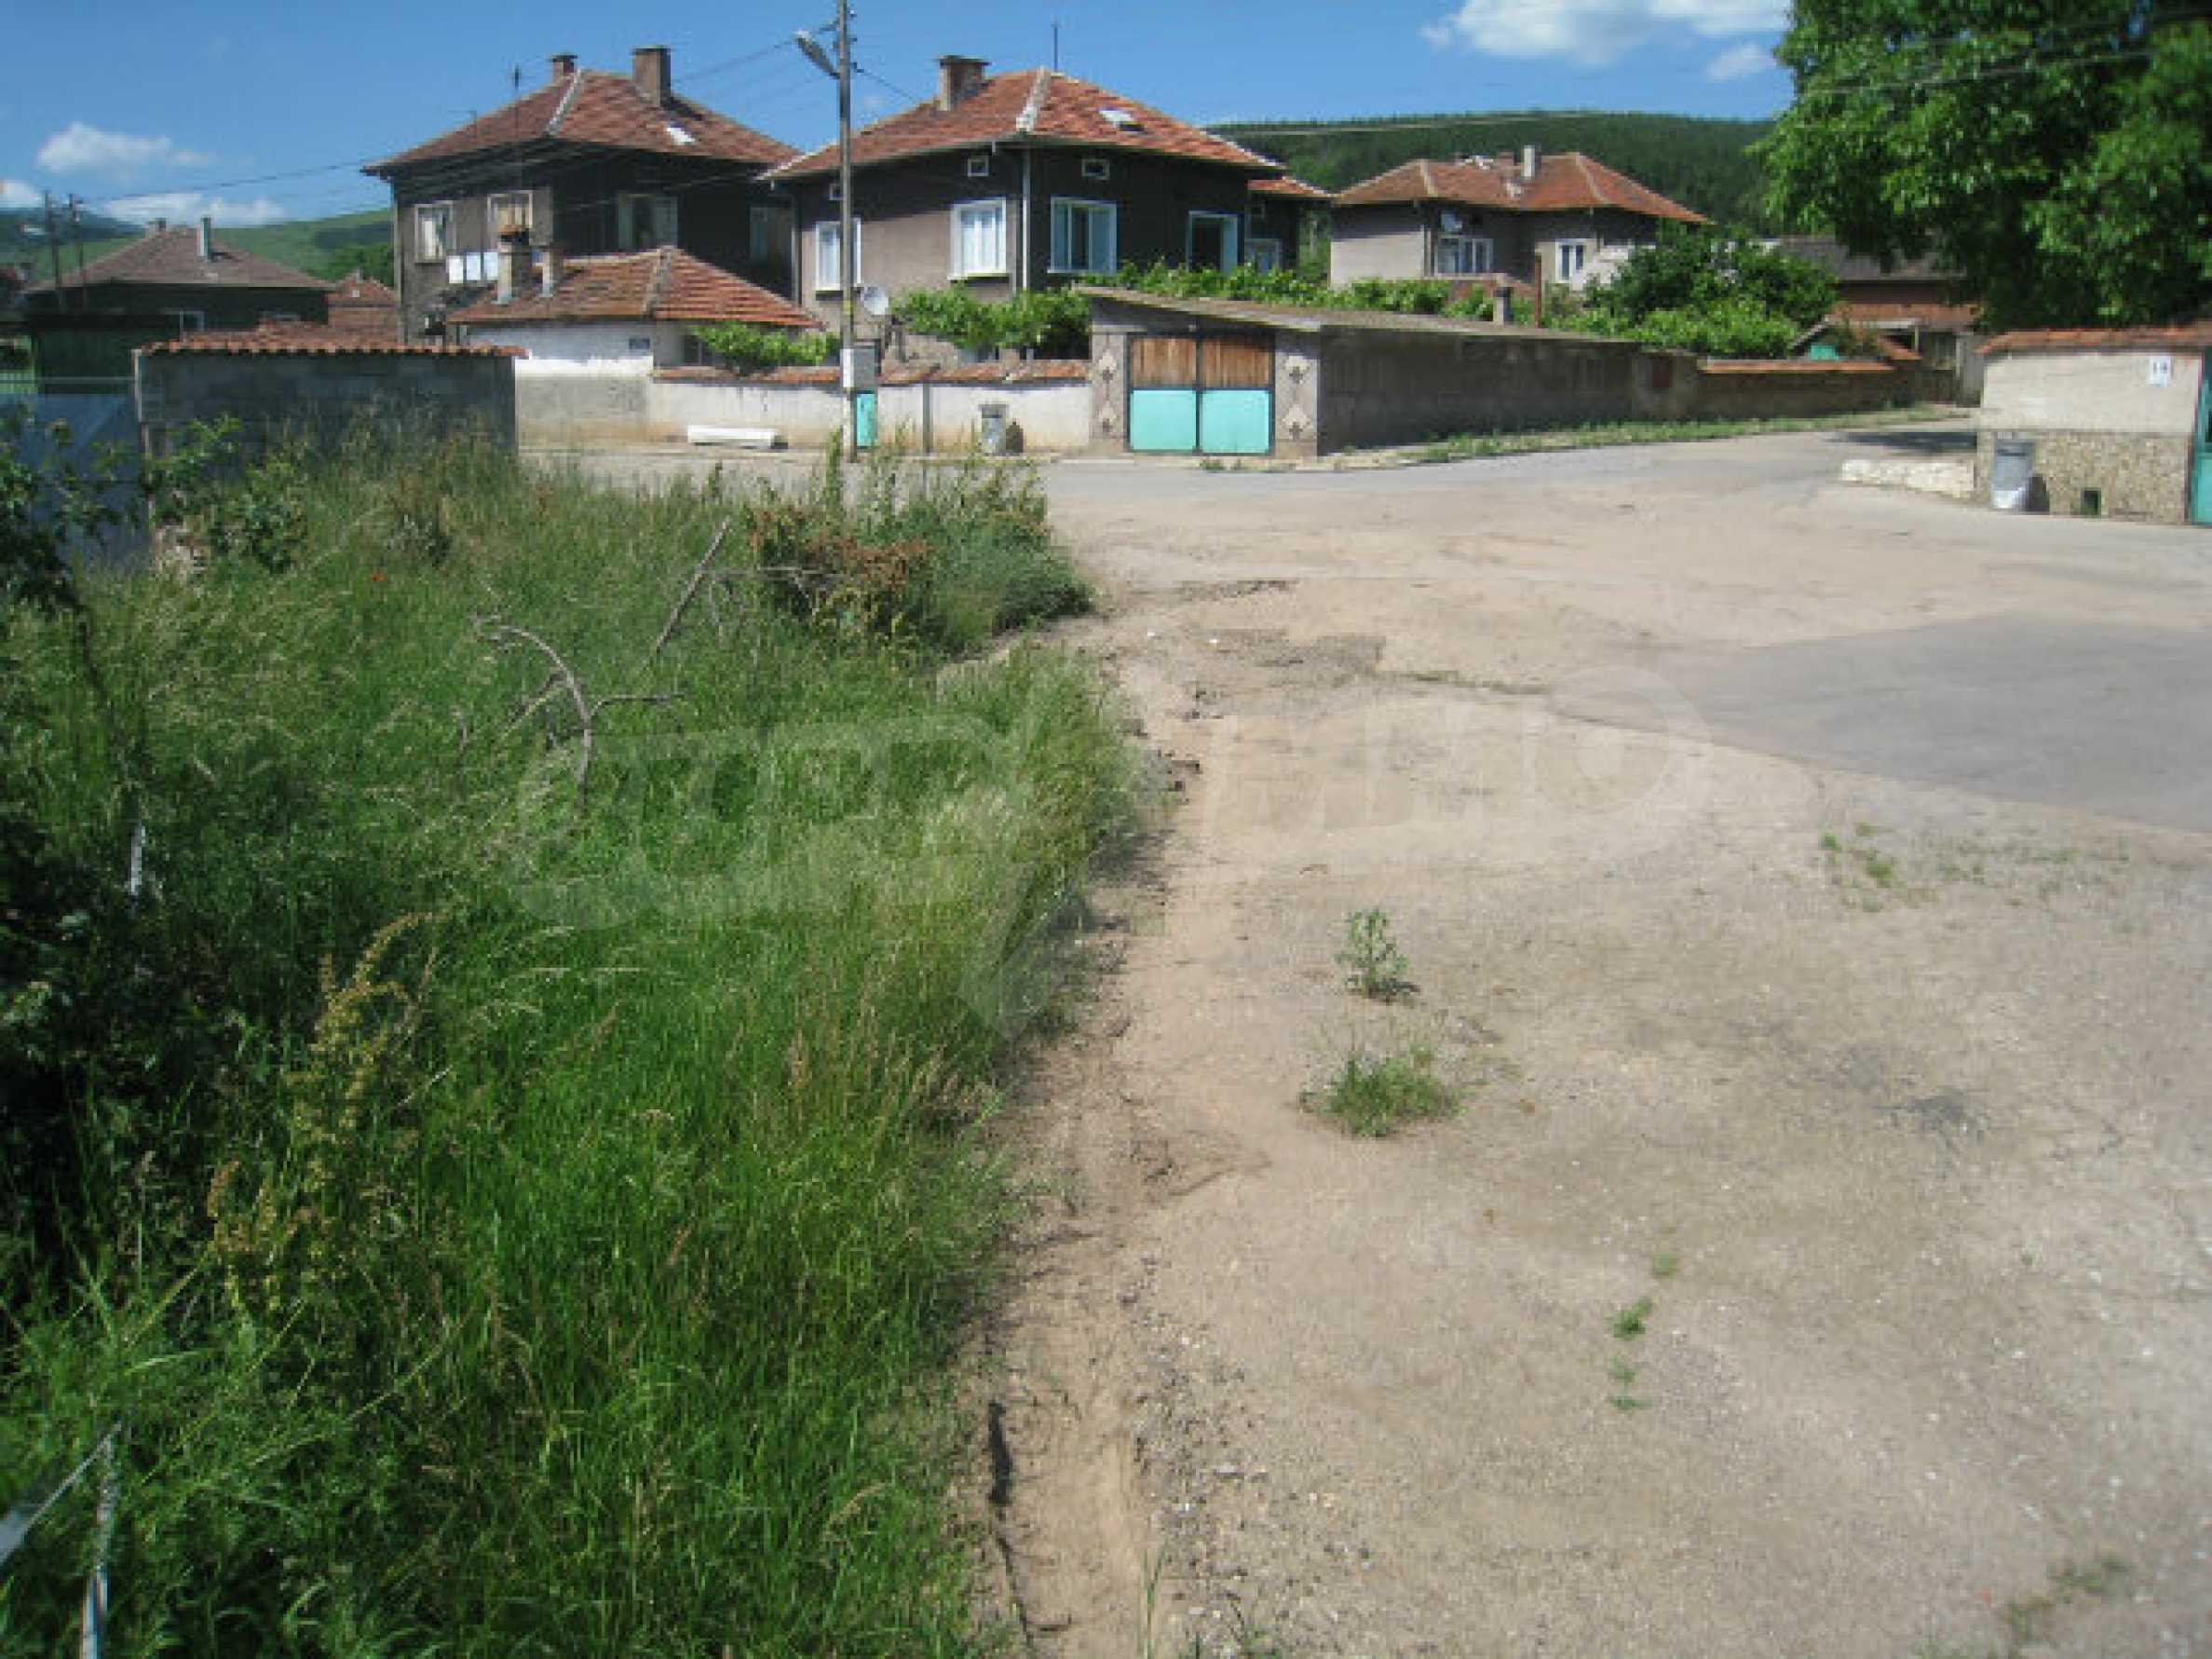 Reguliertes Grundstück für den Bau eines Hauses oder einer Villa in der Nähe von Sofia 8